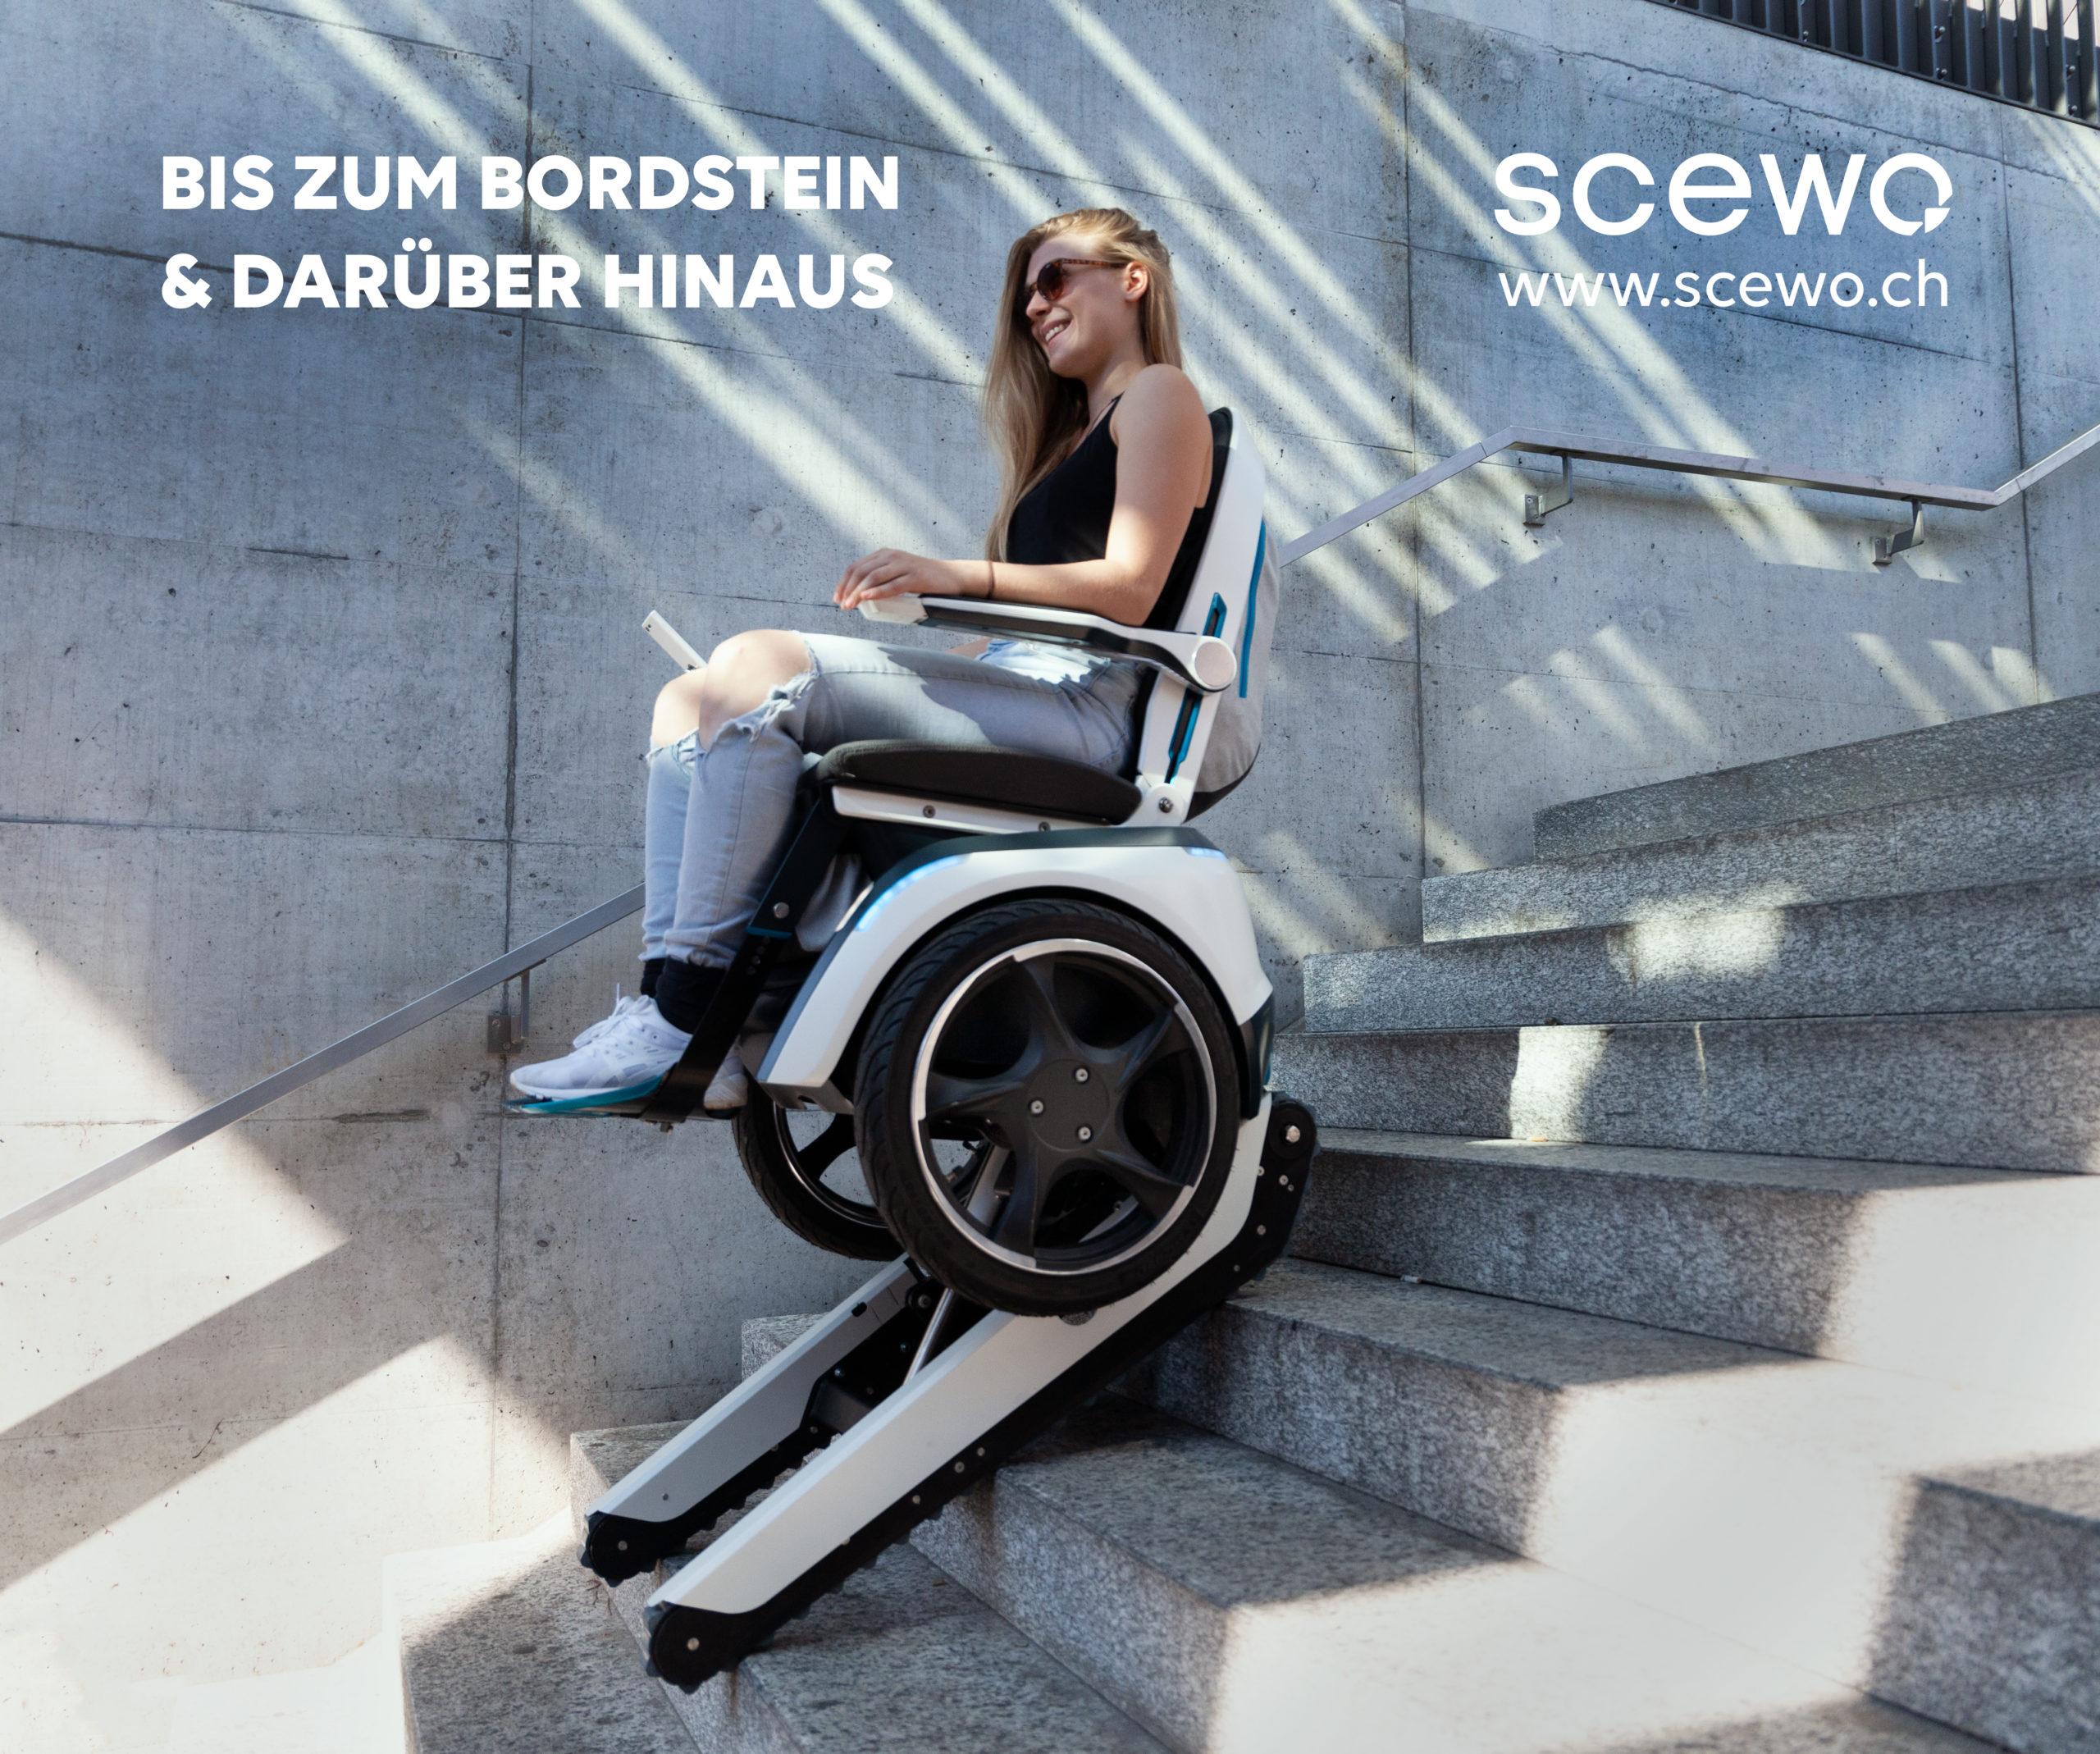 Werbeanzeige von Scewo zum treppensteigenden Rollstuhl